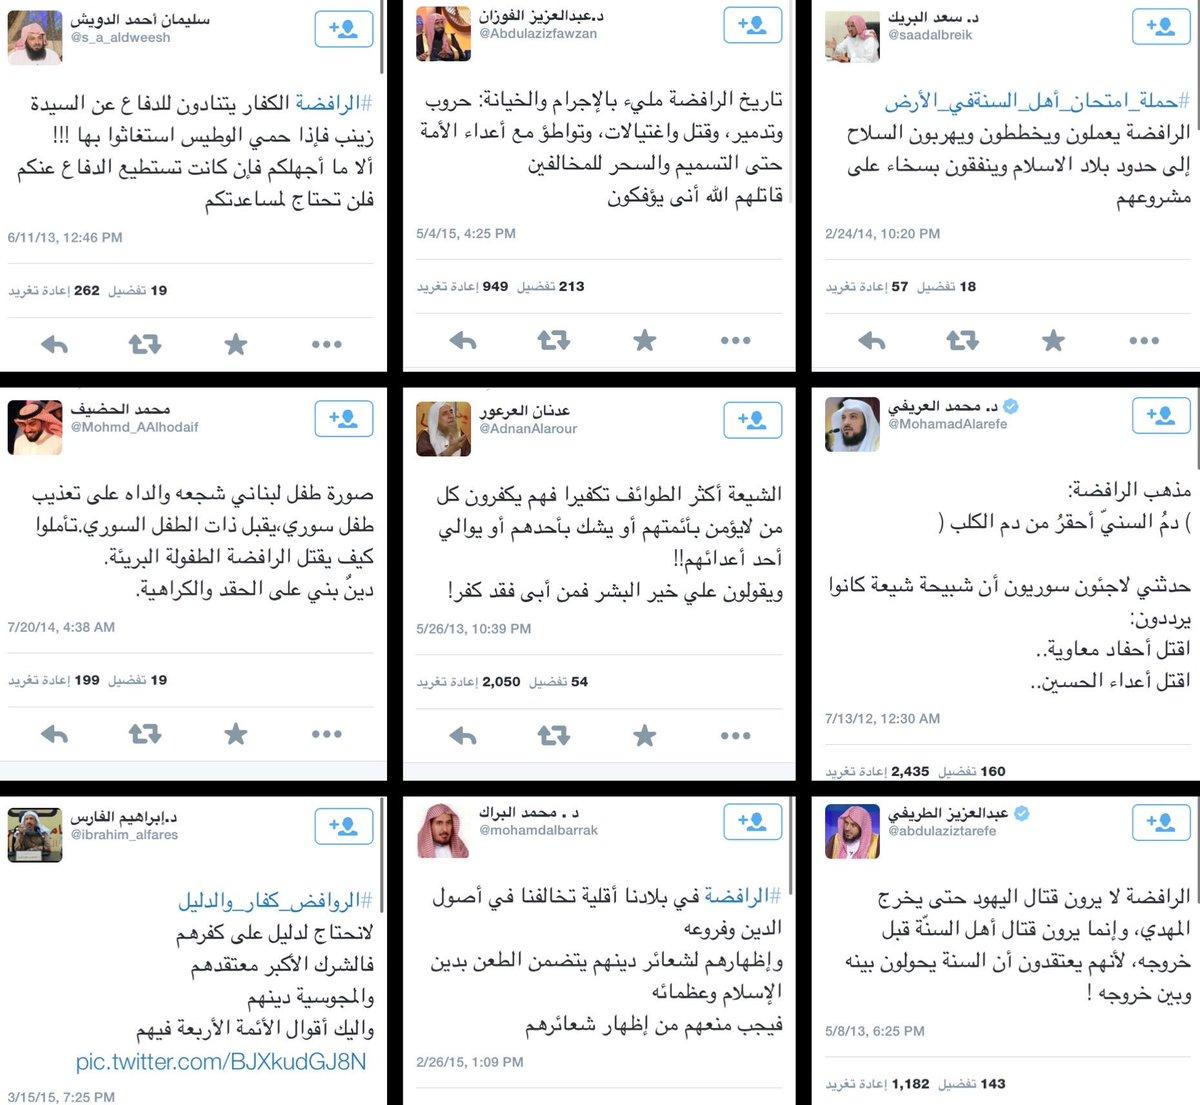 حتى لاننسى بأن التحريض هو سبب المشكلة #تفجير_ارهابي_في_القطيف http://t.co/QE4Ar0cyuc